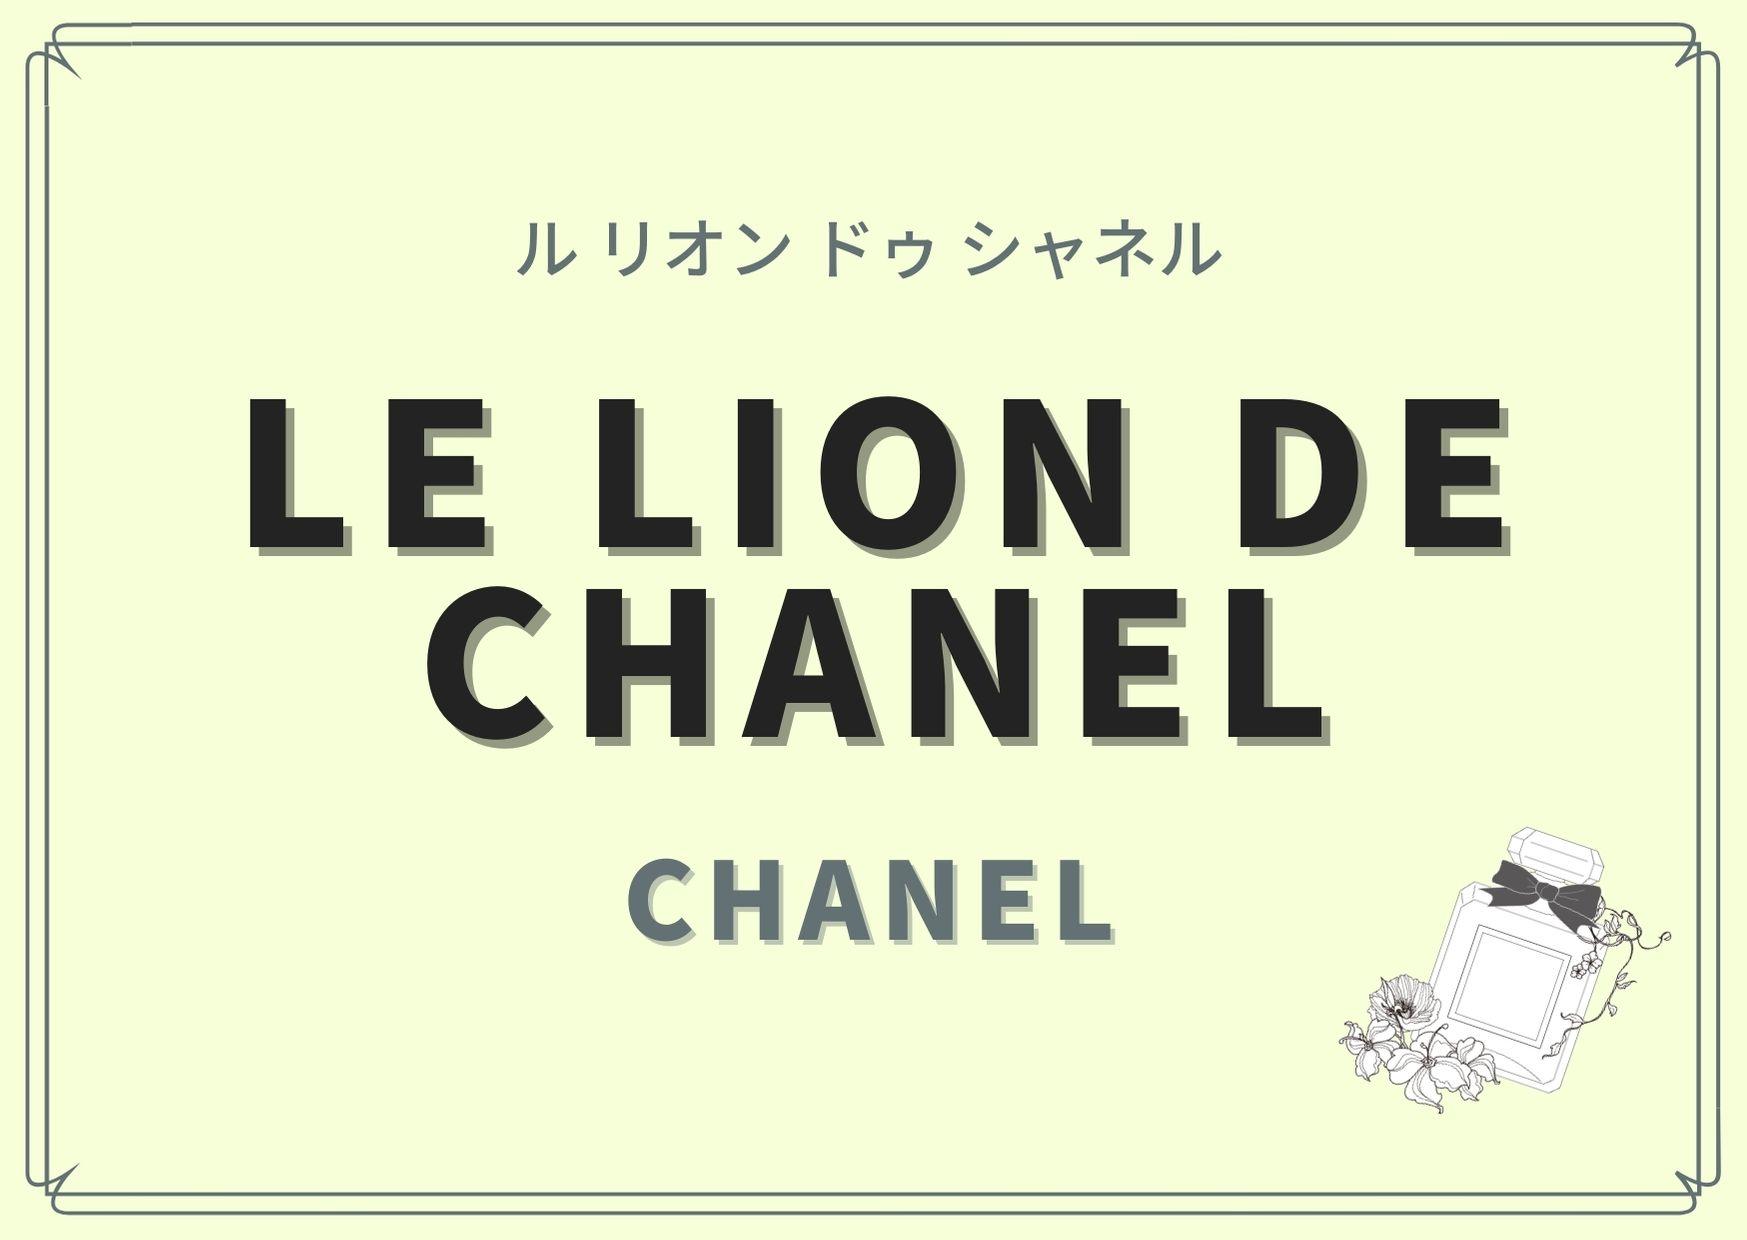 Le Lion de Chanel(ル リオン ドゥ シャネル)/CHANEL(シャネル)